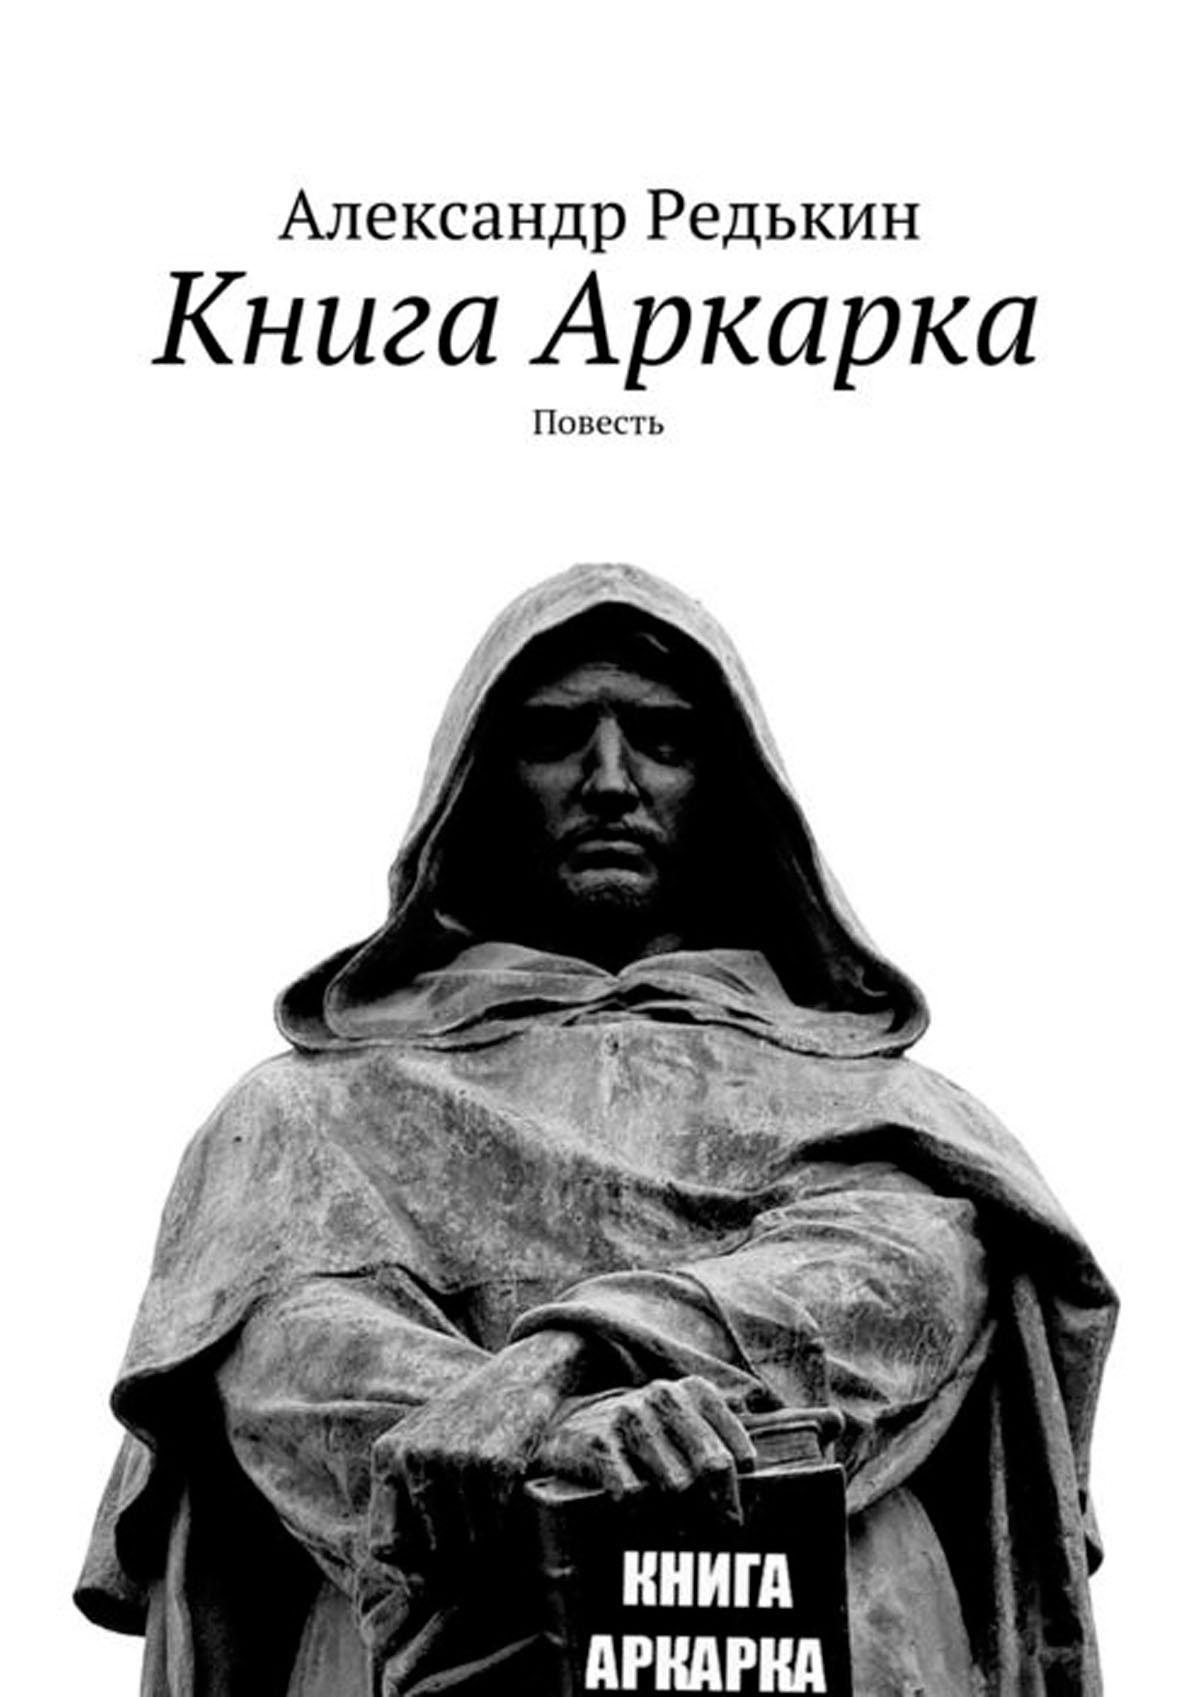 Редькин Александр Валерьевич Книга Аркарка александр леонидович редькин 7